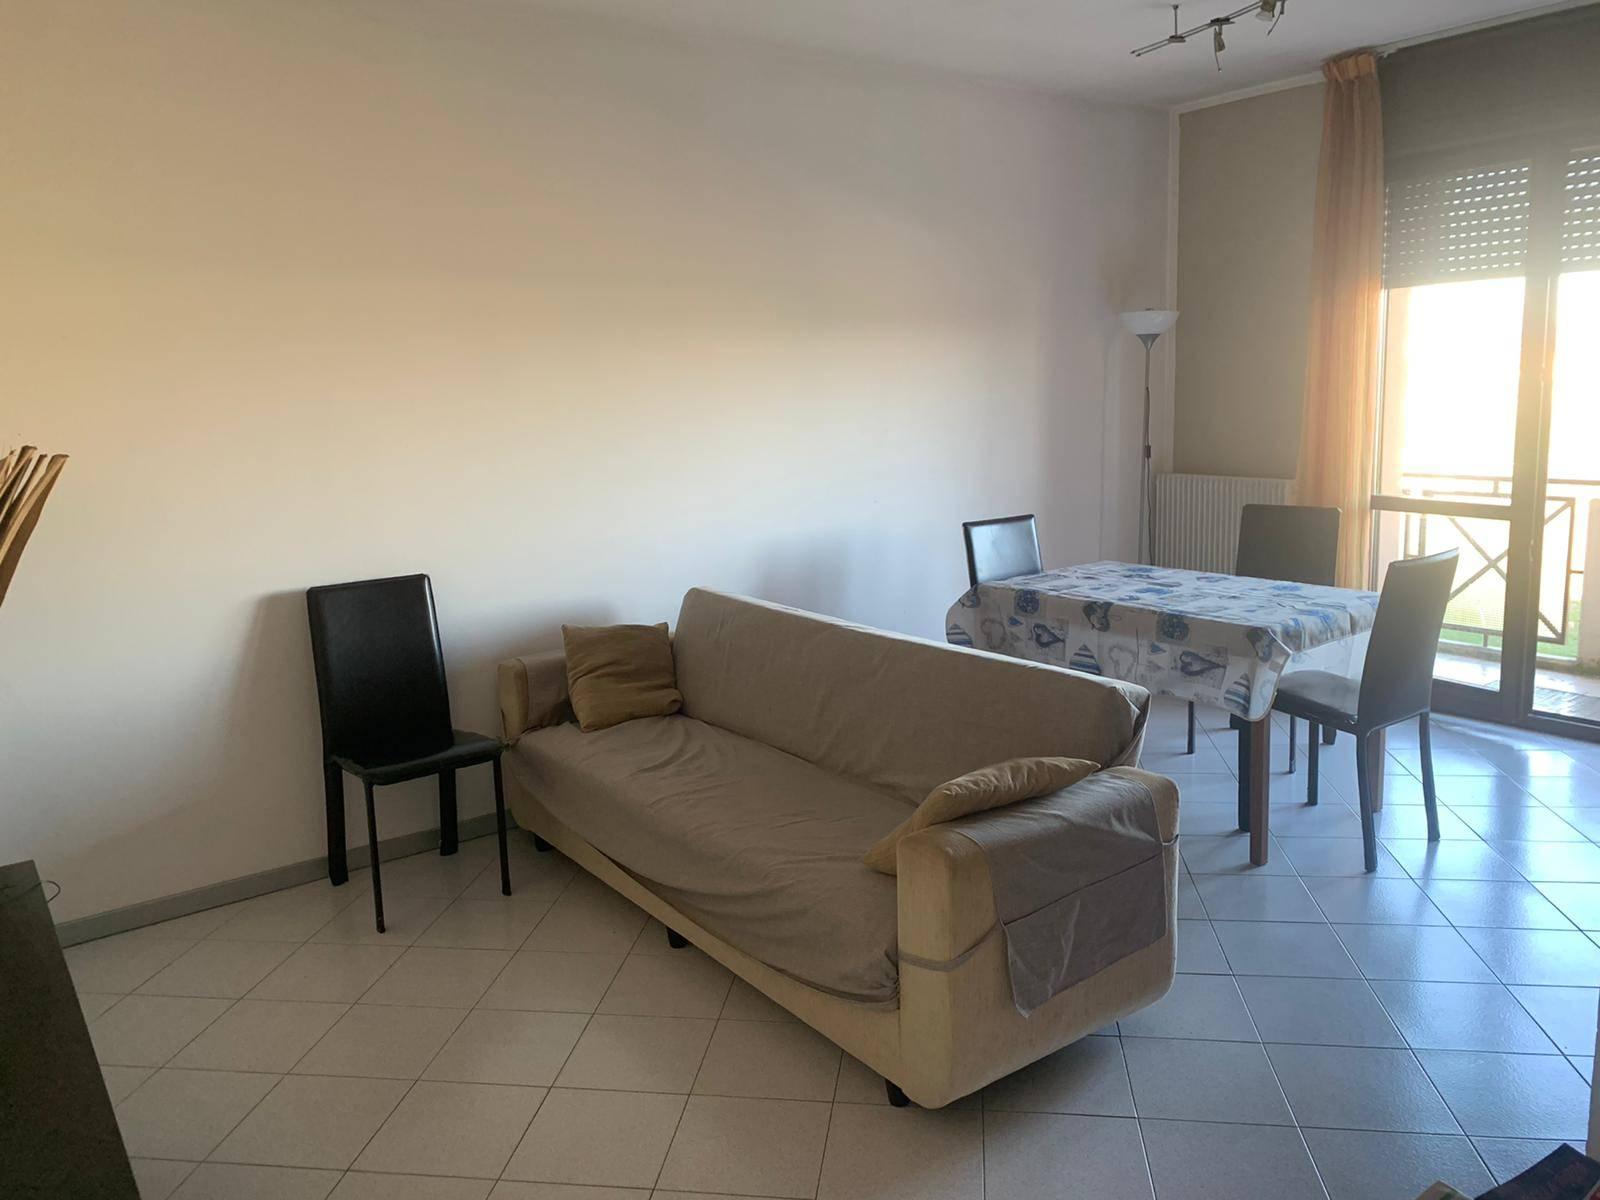 Appartamento in vendita a Martellago, 4 locali, prezzo € 130.000 | PortaleAgenzieImmobiliari.it